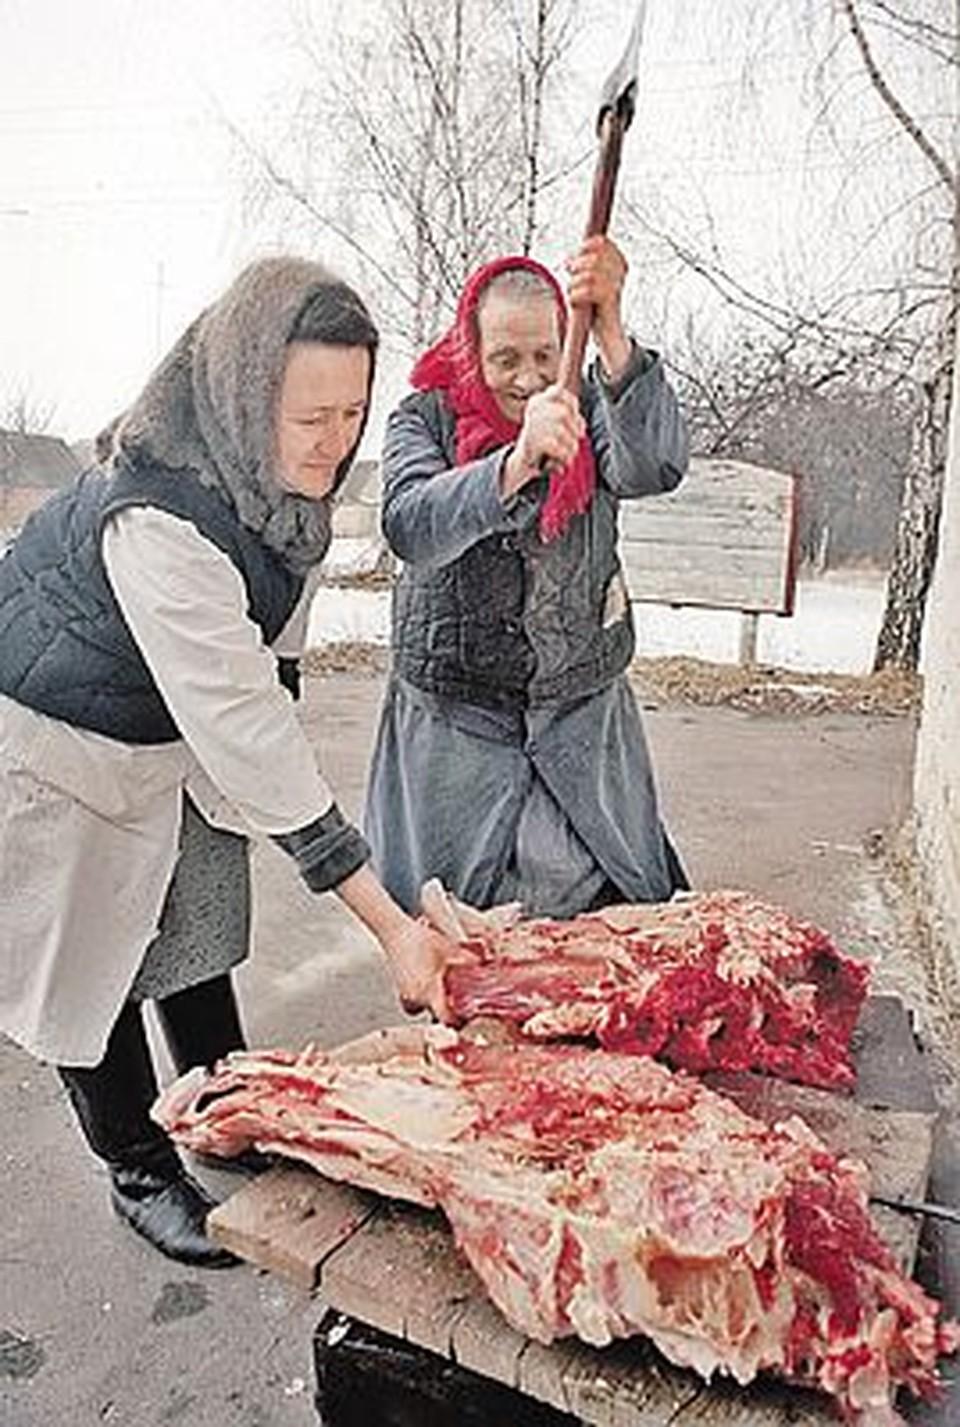 Бабушки, живущие в зараженной зоне, давно едят домашнее мясо, не ожидая разрешения Роспотребнадзора.